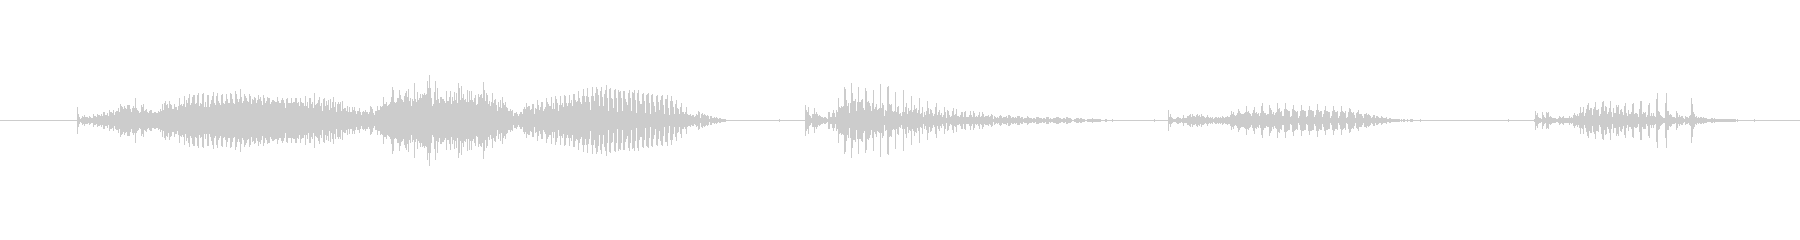 【日数・経過】9週間経過の未再生の波形